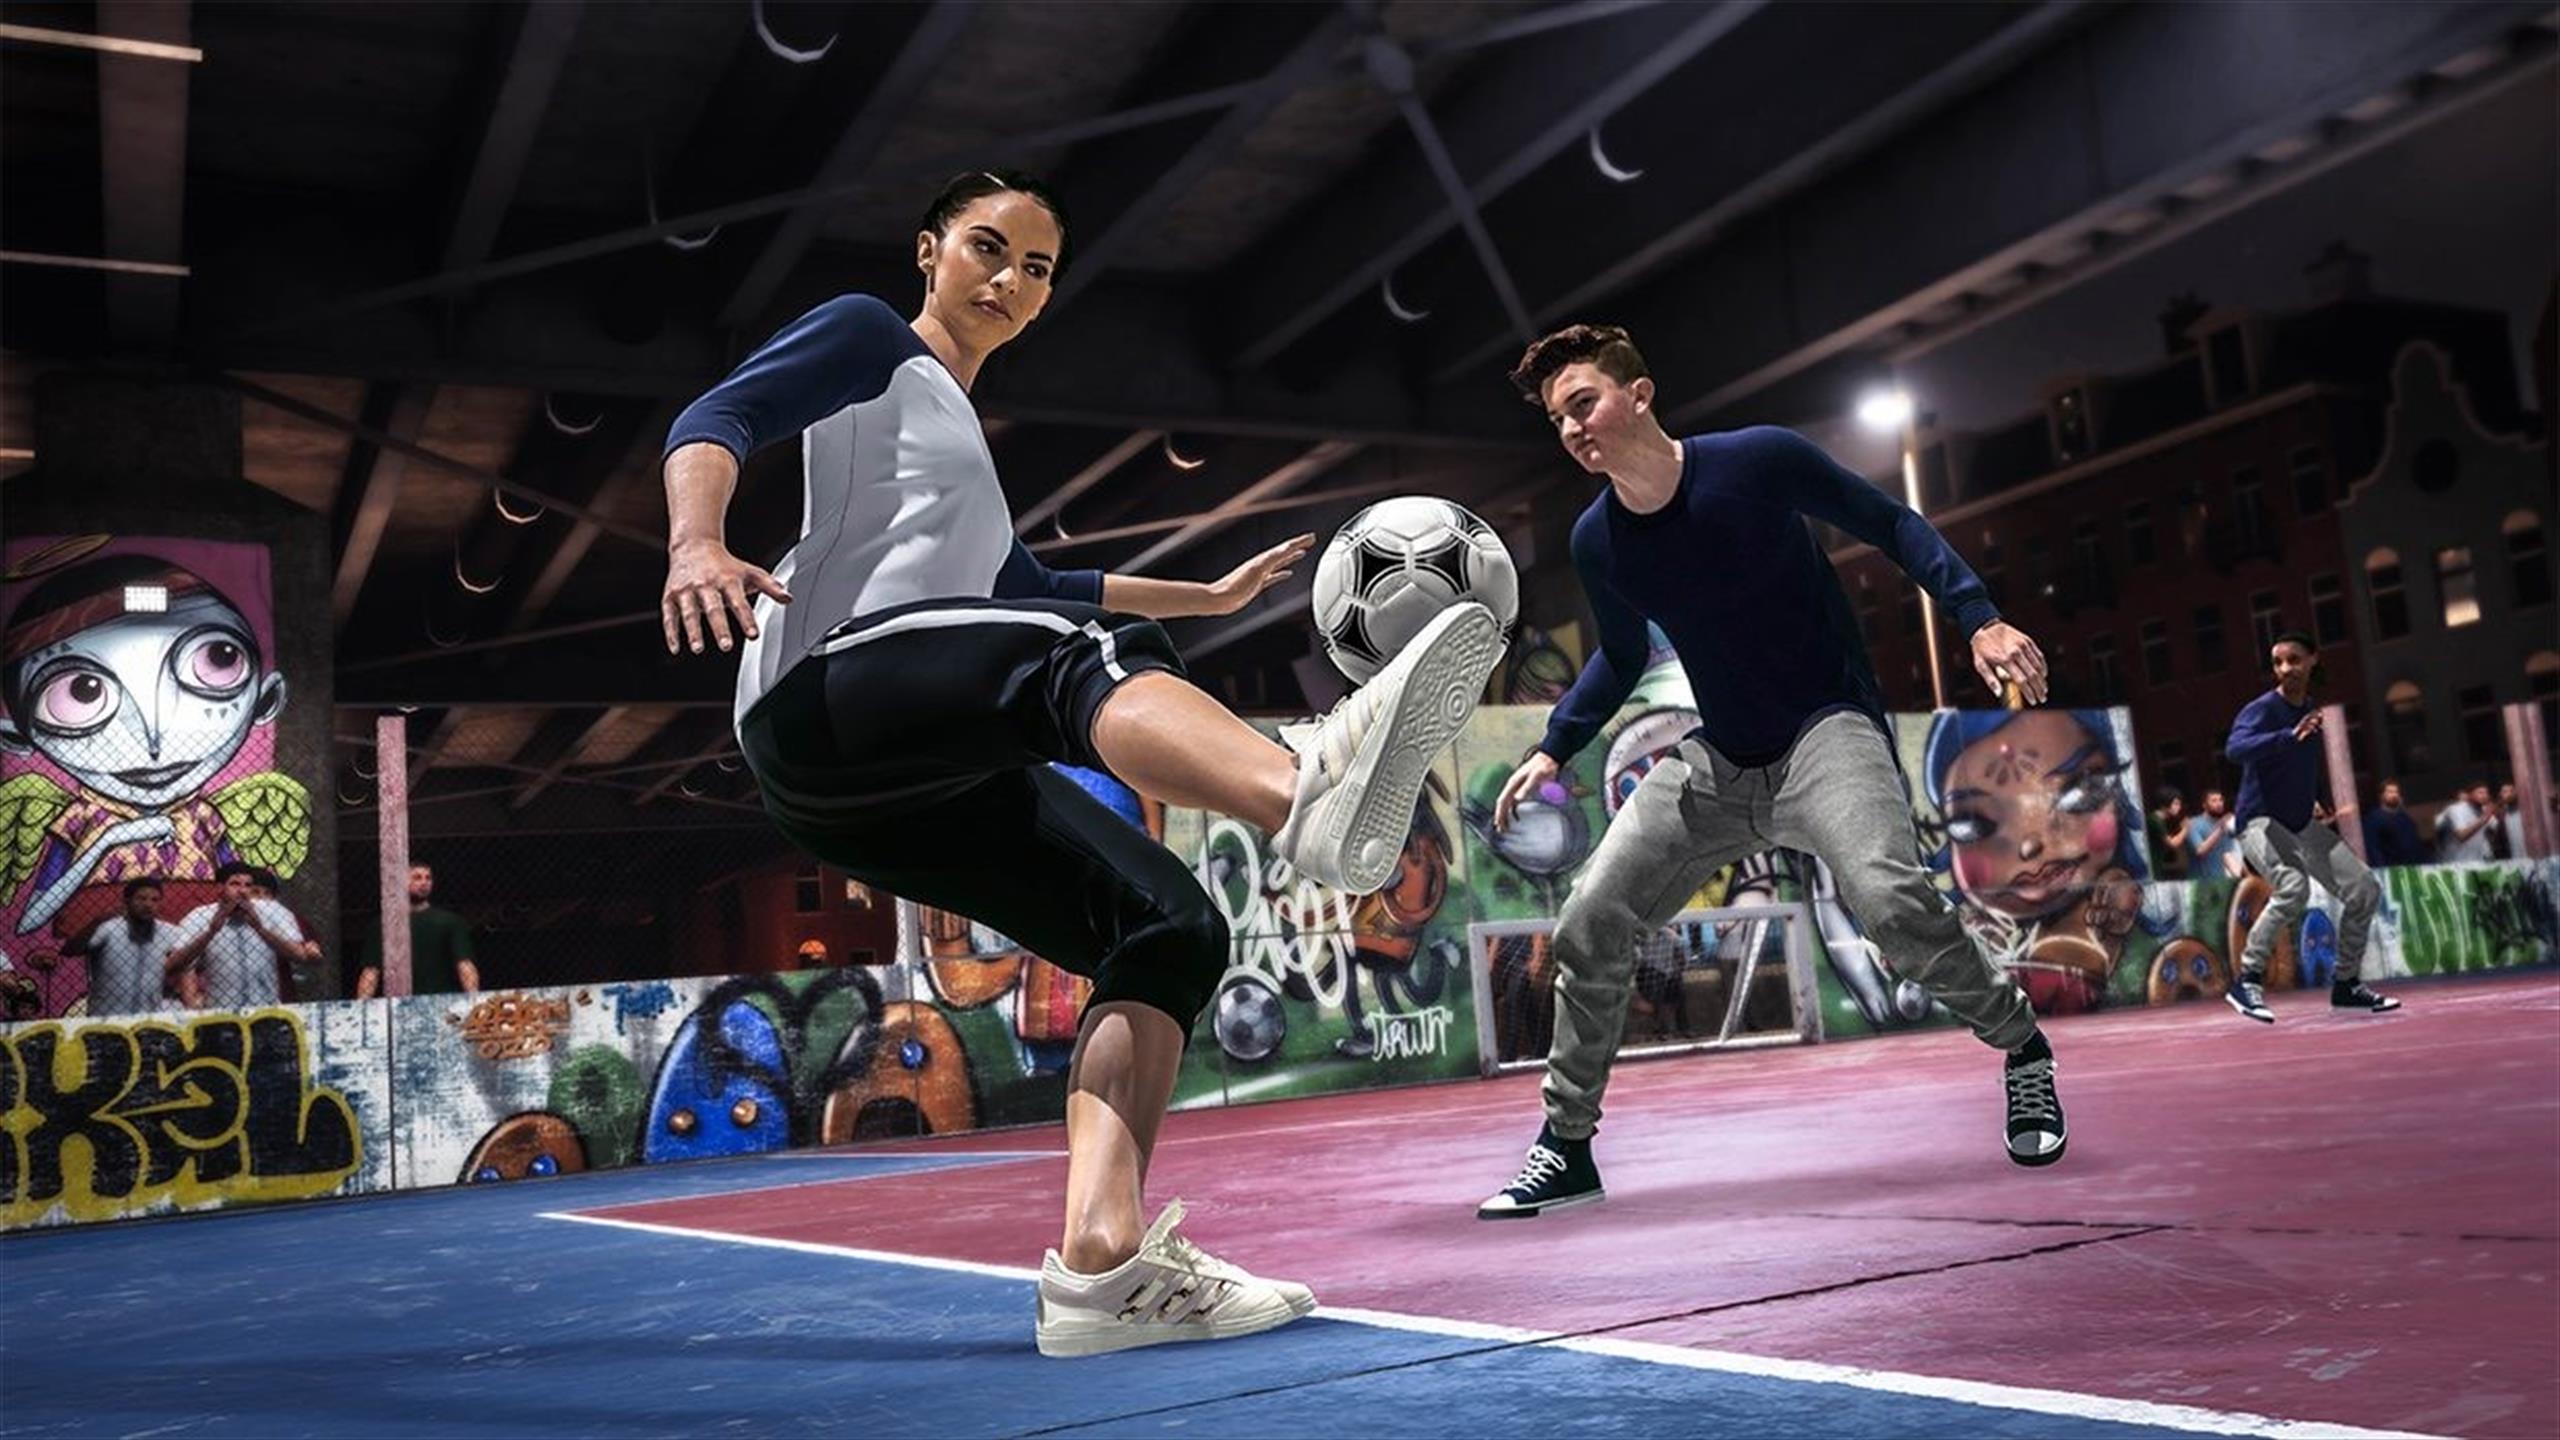 Street, foot à 5 ou futsal  dans le jeu vidéo FIFA 20, il y